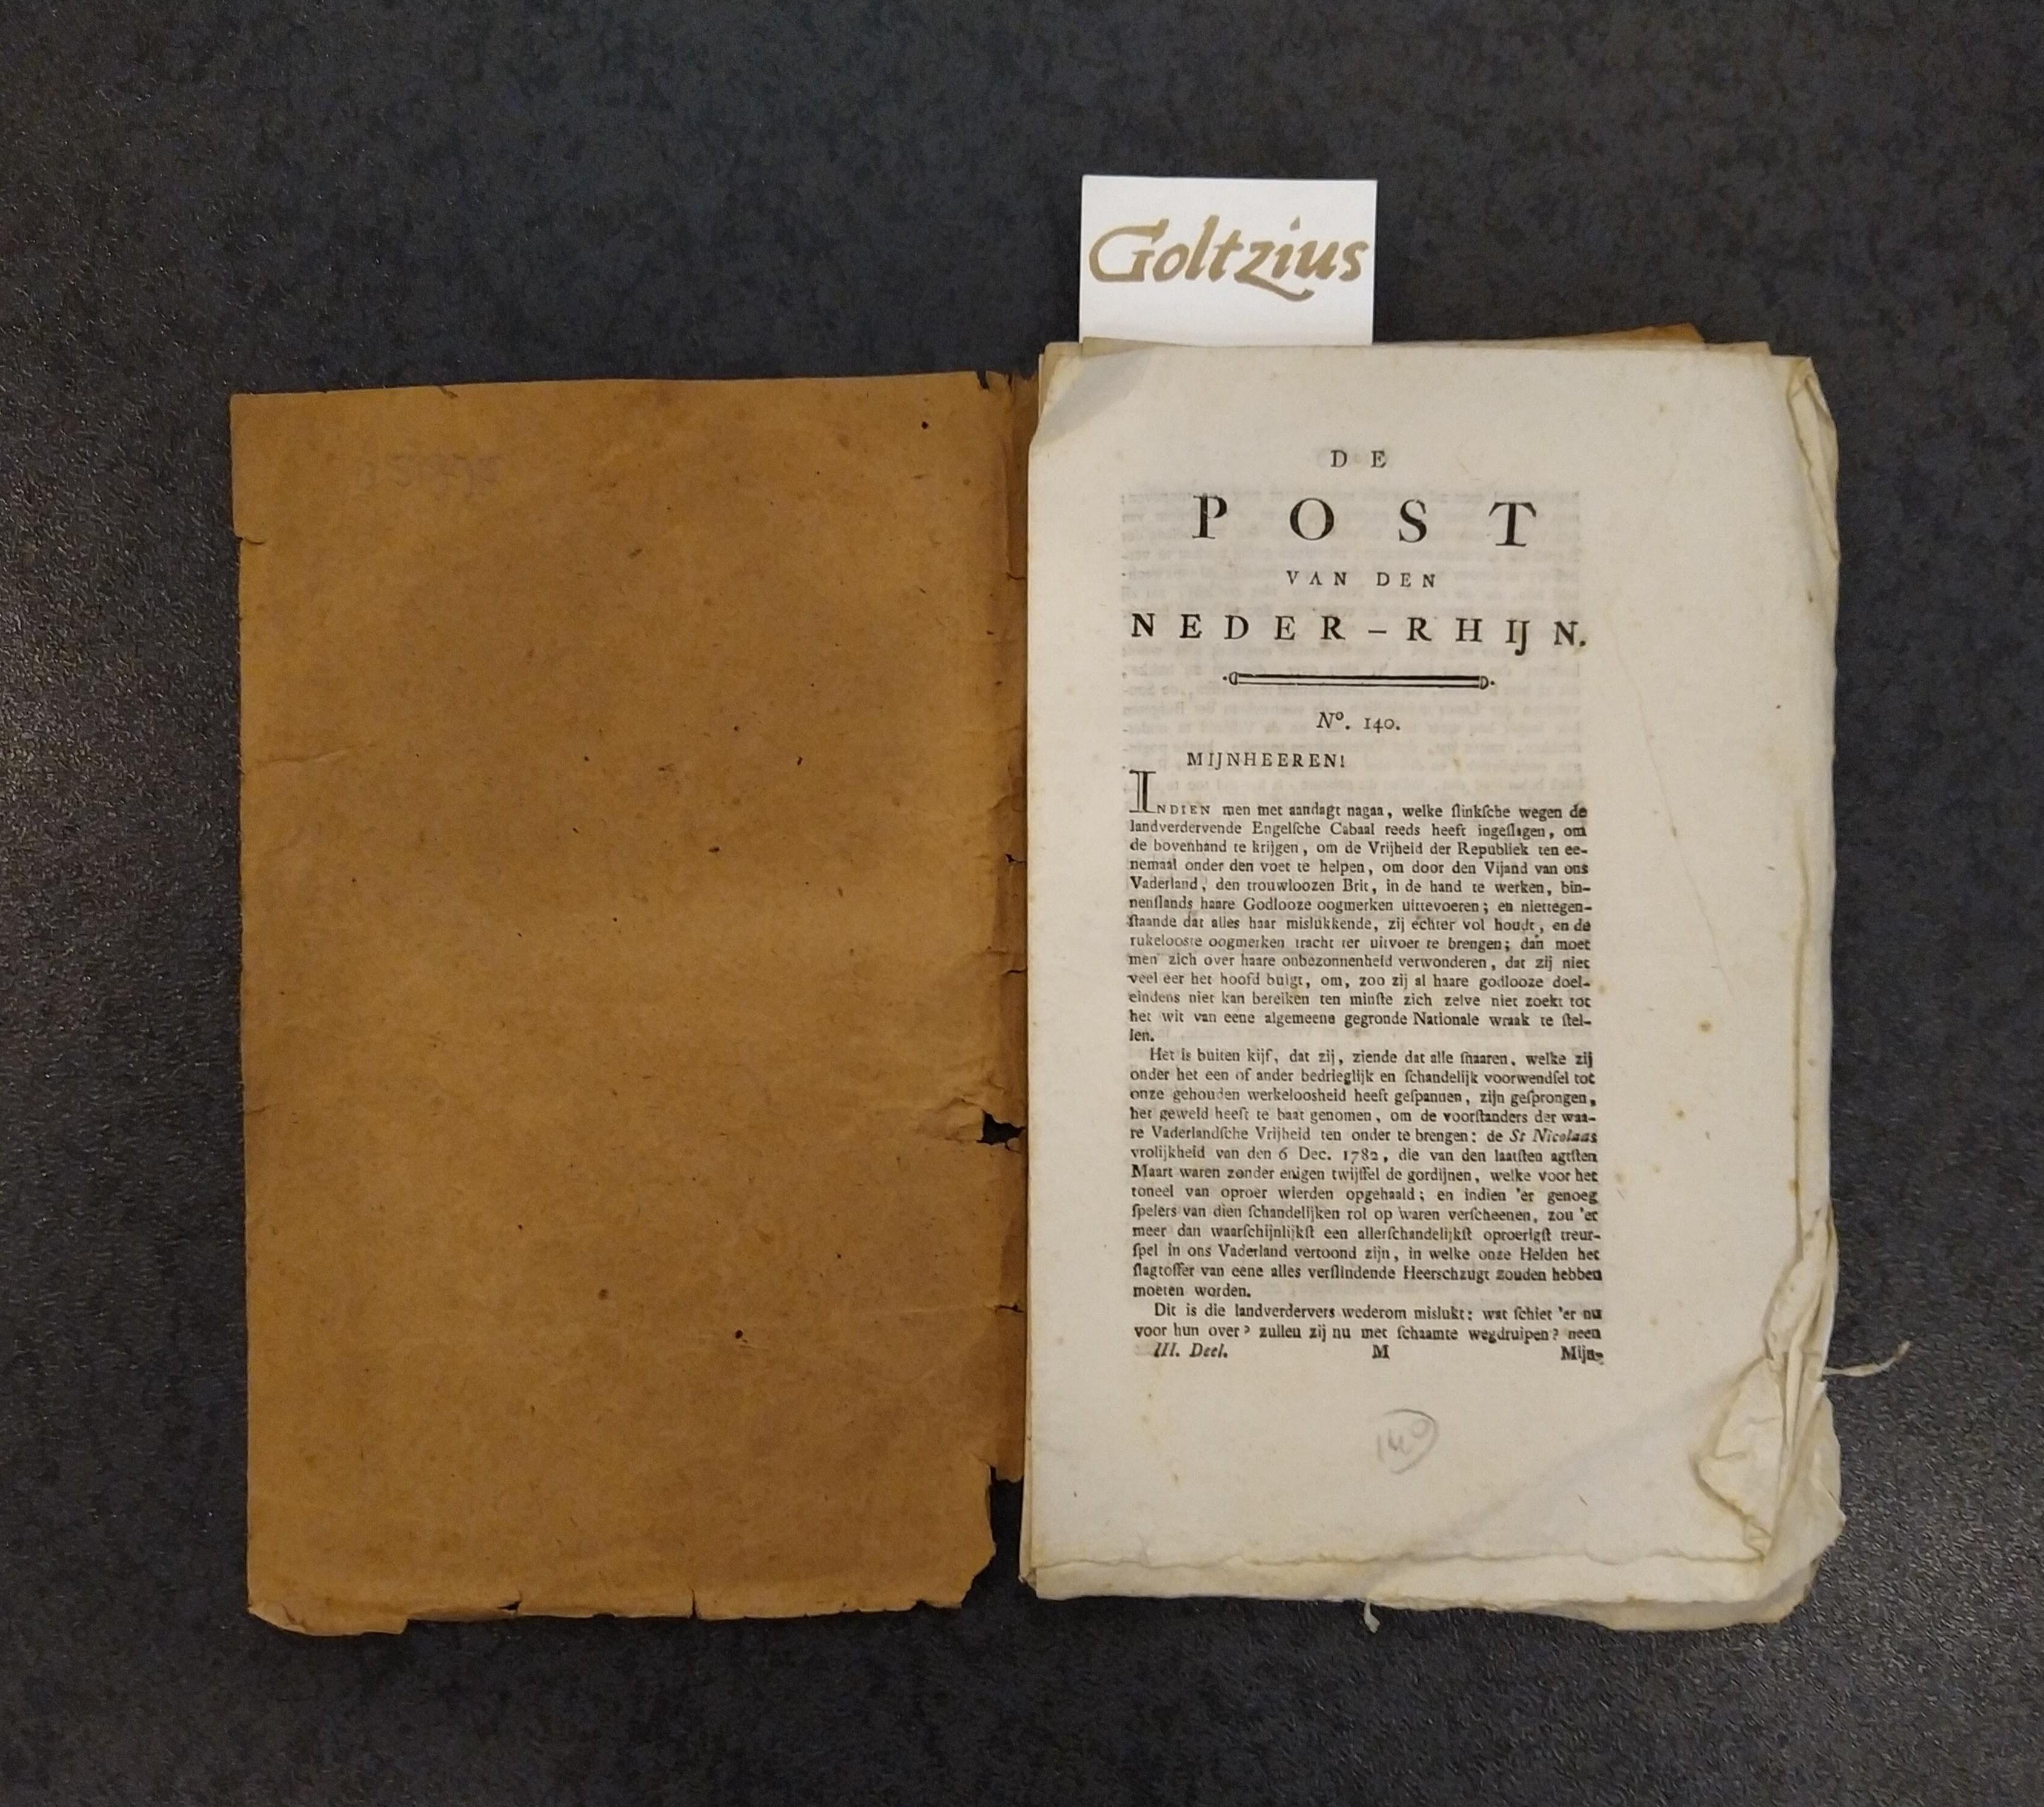 'T HOEN, P., Collection of 9 issues of De post van den Neder-Rhijn.